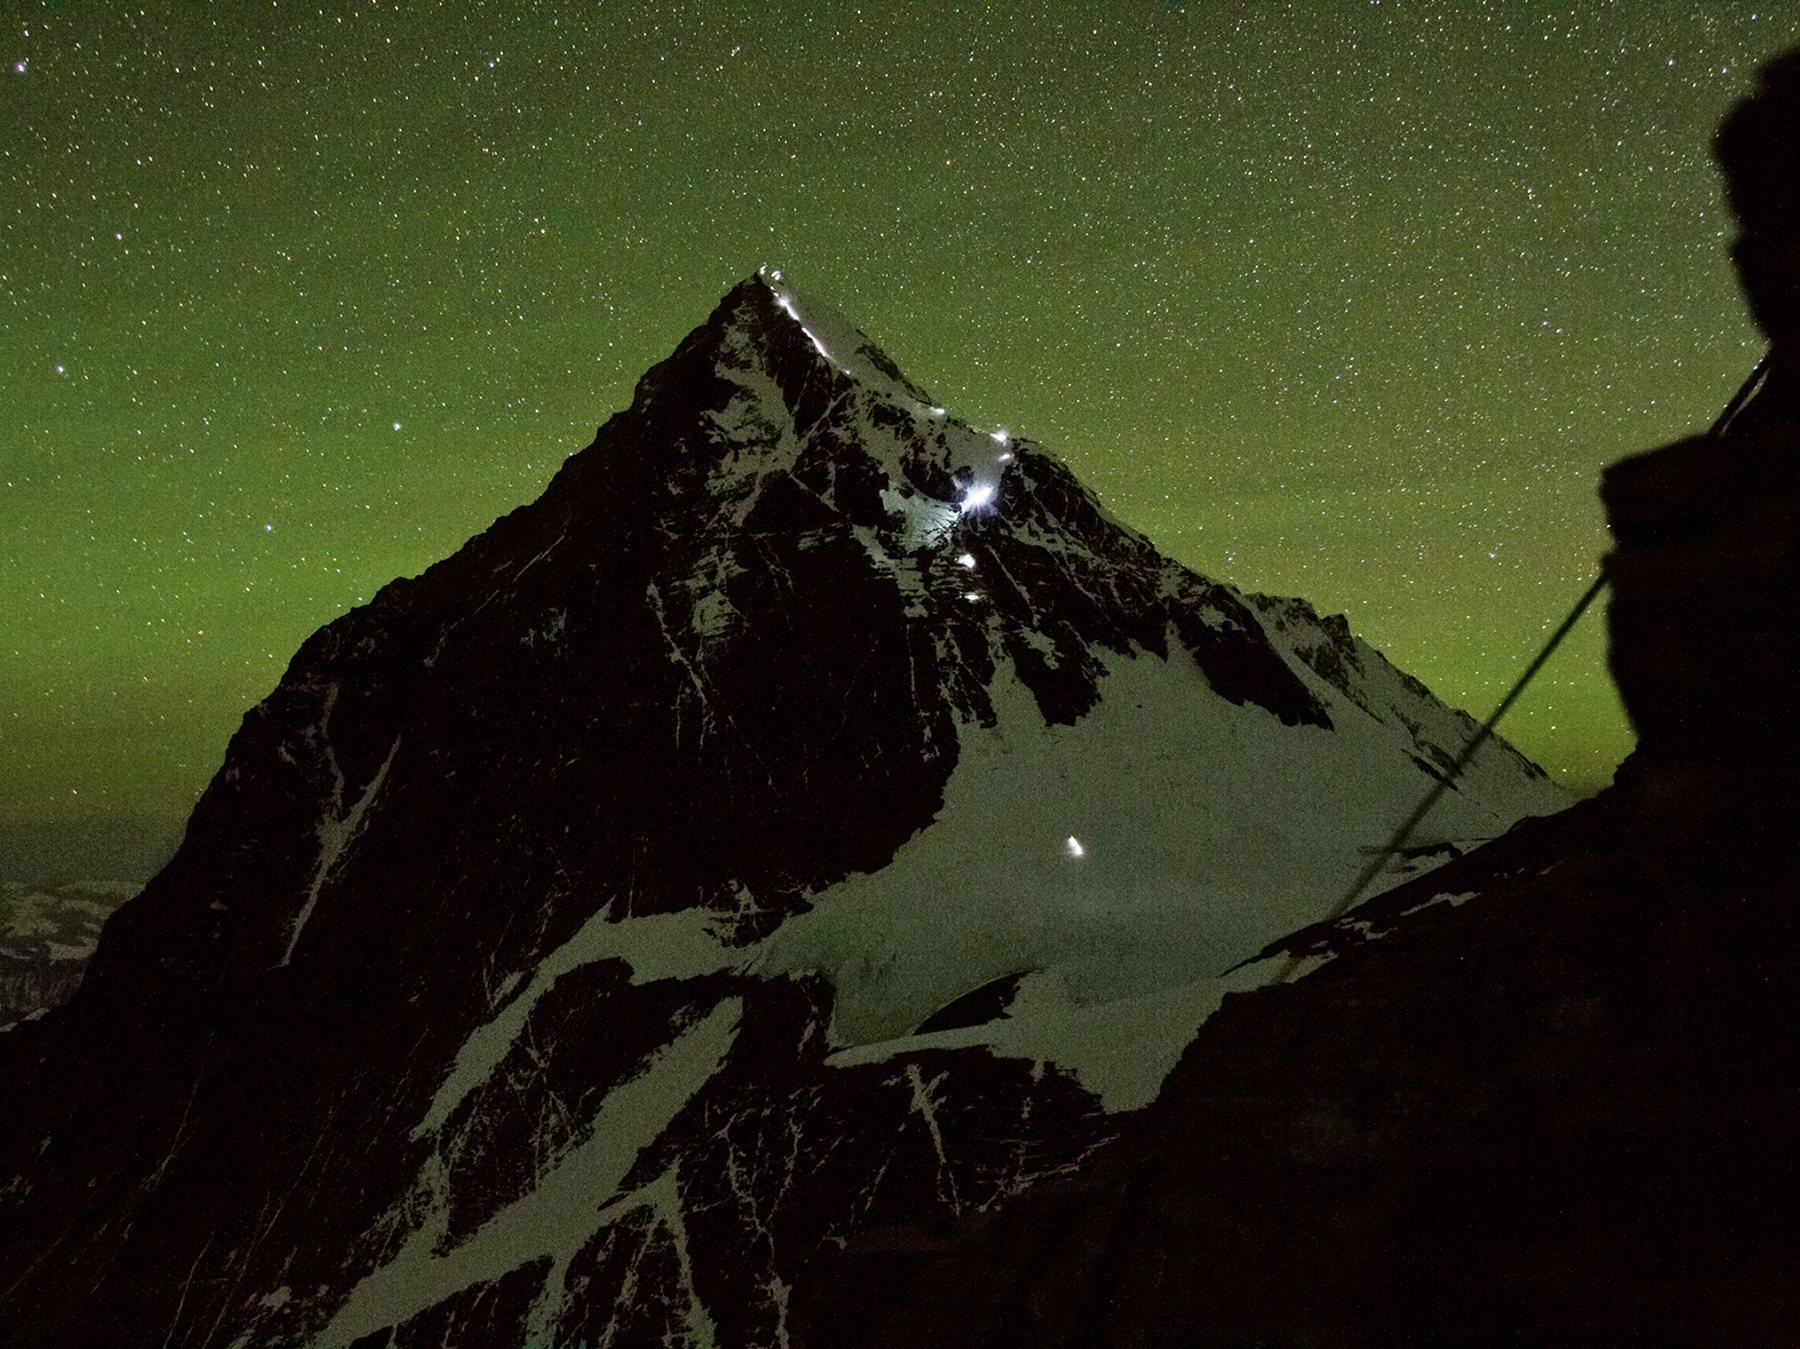 Прожекторы освещают путь группе альпинистов, совершающих восхождение на вершину Эвереста в утрен